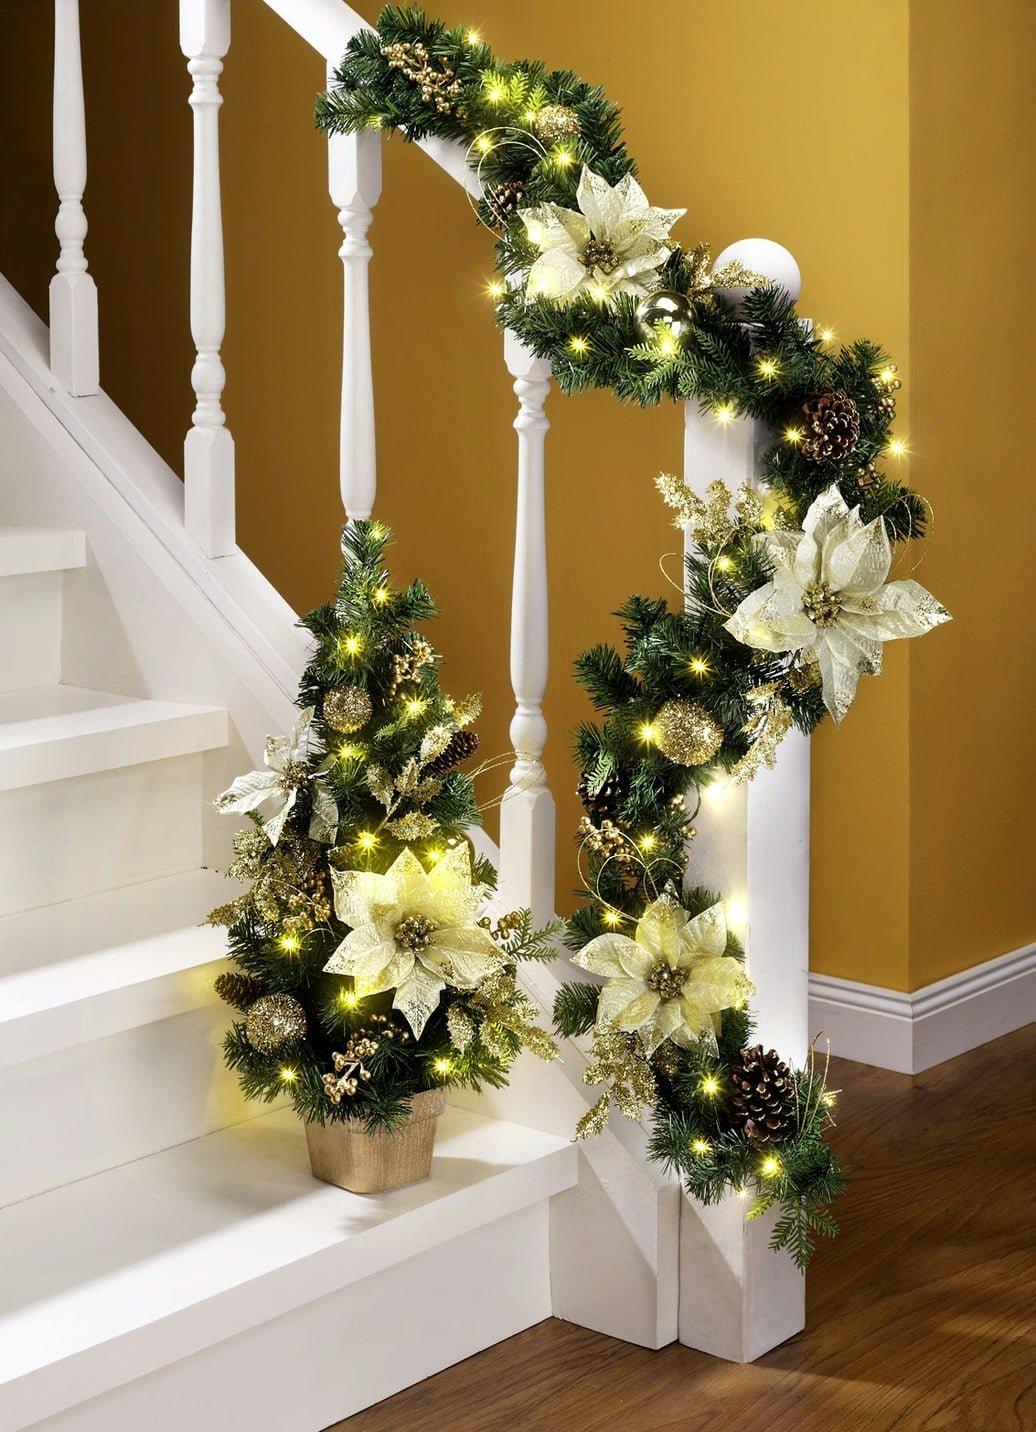 beleuchtete tannengirlande creme girlande weihnachten deko advent ebay. Black Bedroom Furniture Sets. Home Design Ideas